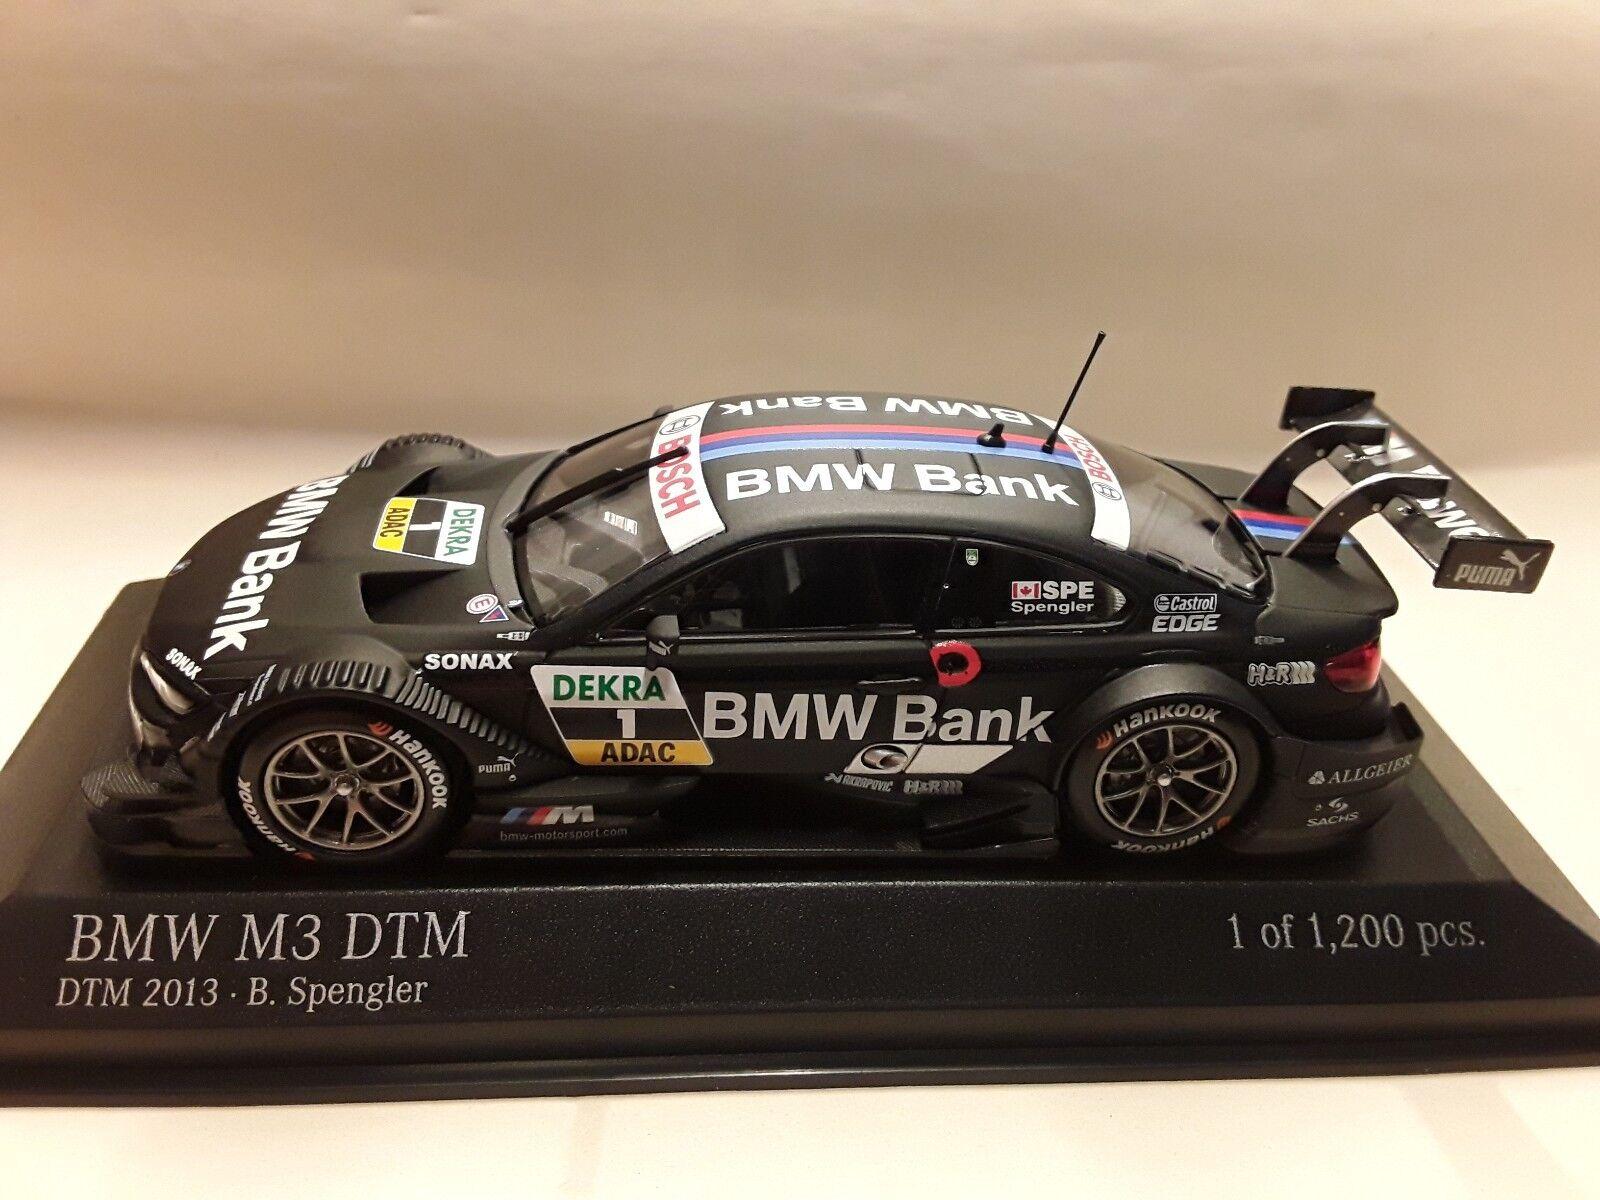 Bmw m3 dtm  B. Spengler  DTM 2013 Team Boulette  1 43 Minichamps 410132201